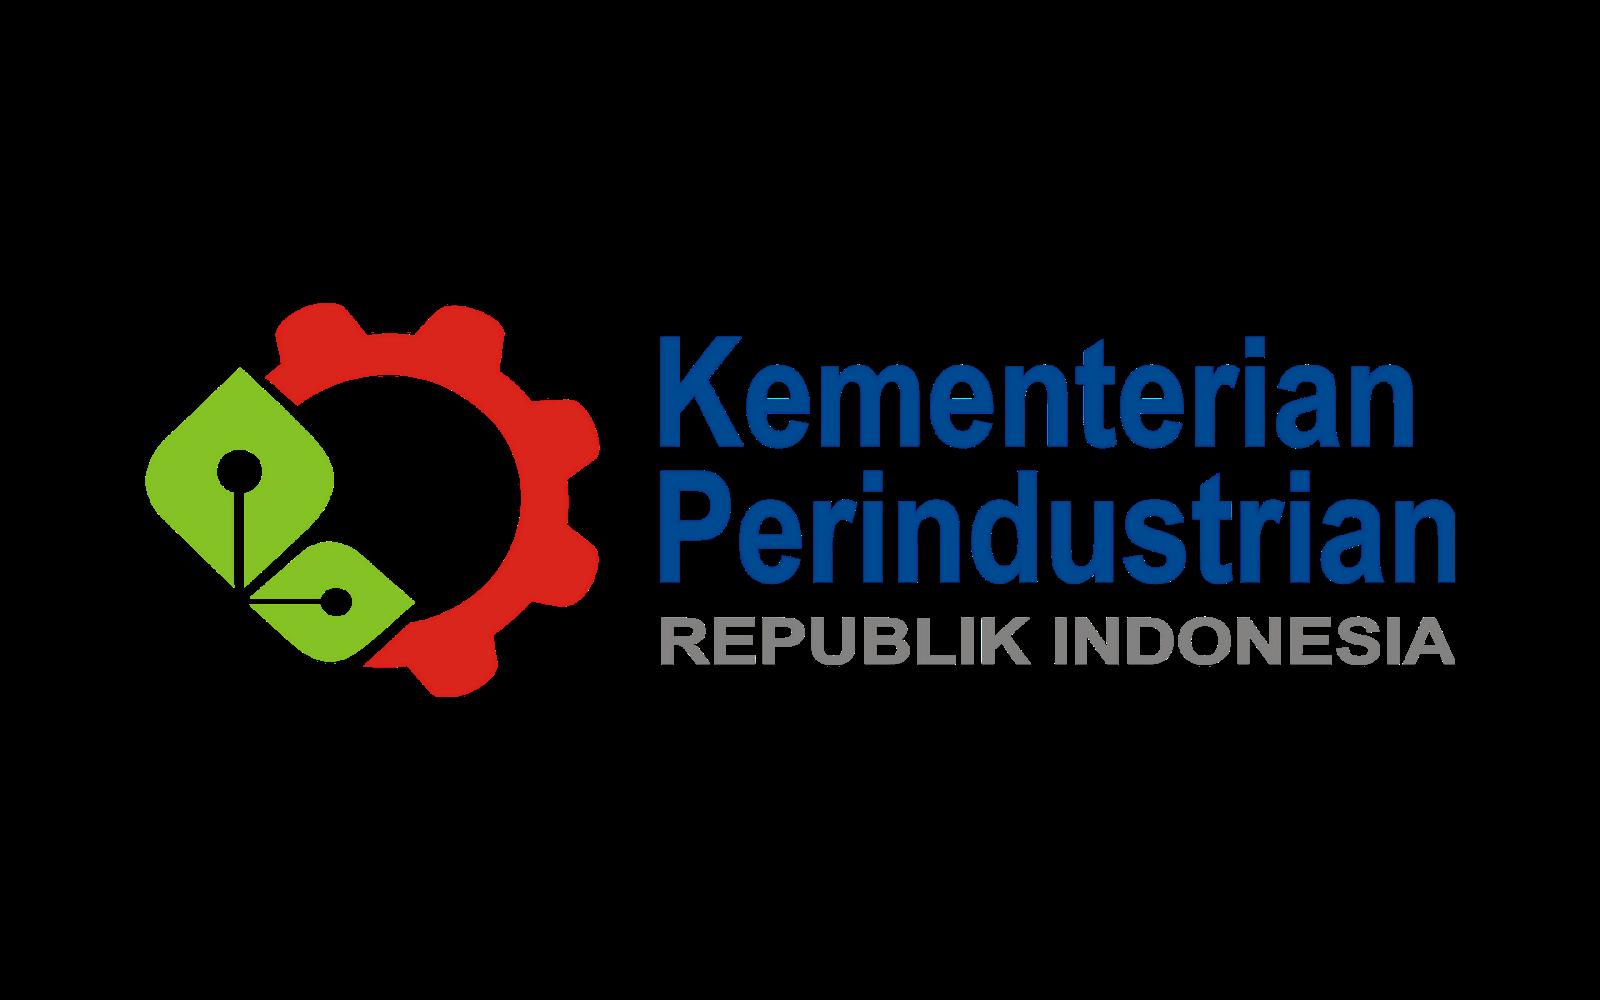 Logo Kementerian Perindustrian (Kemenprin) Format PNG